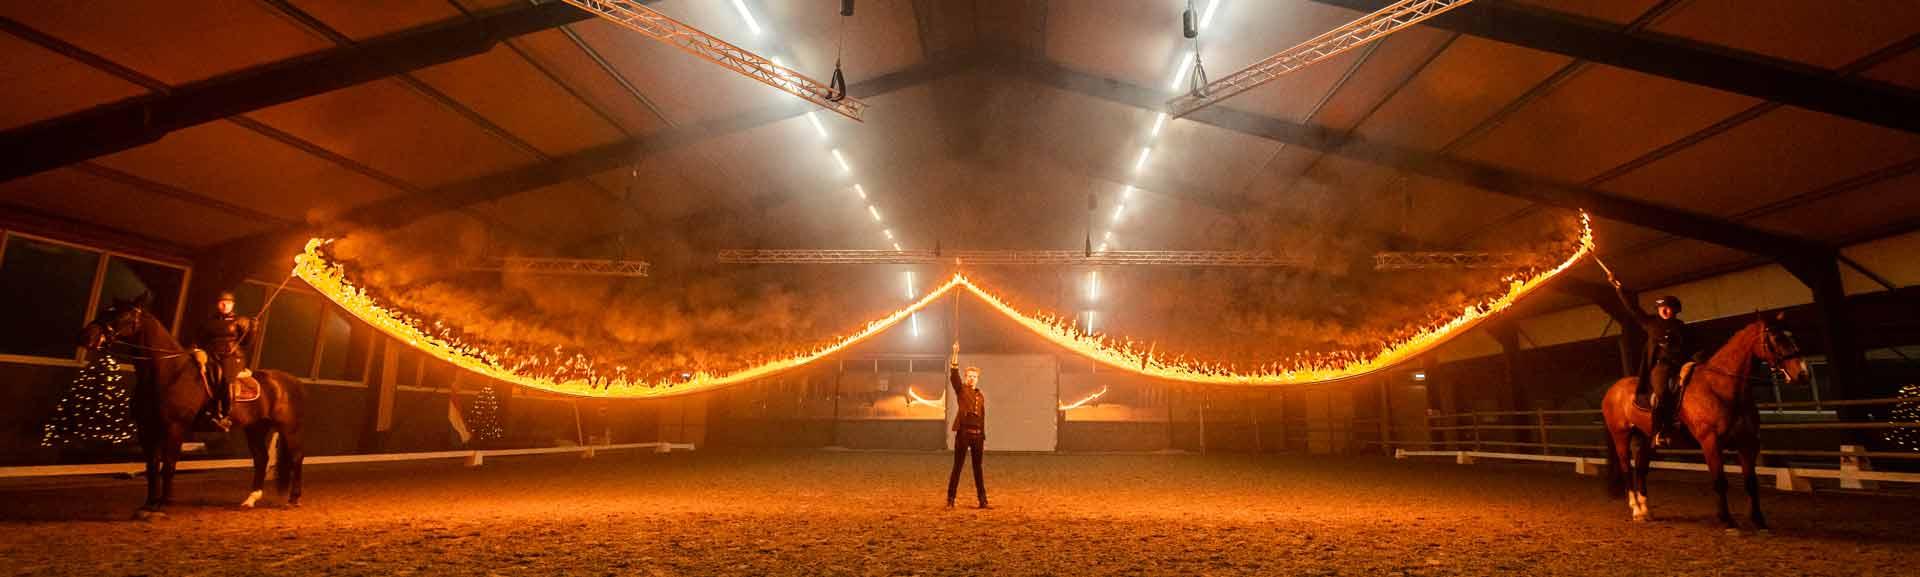 Fin Jopson horse show designer